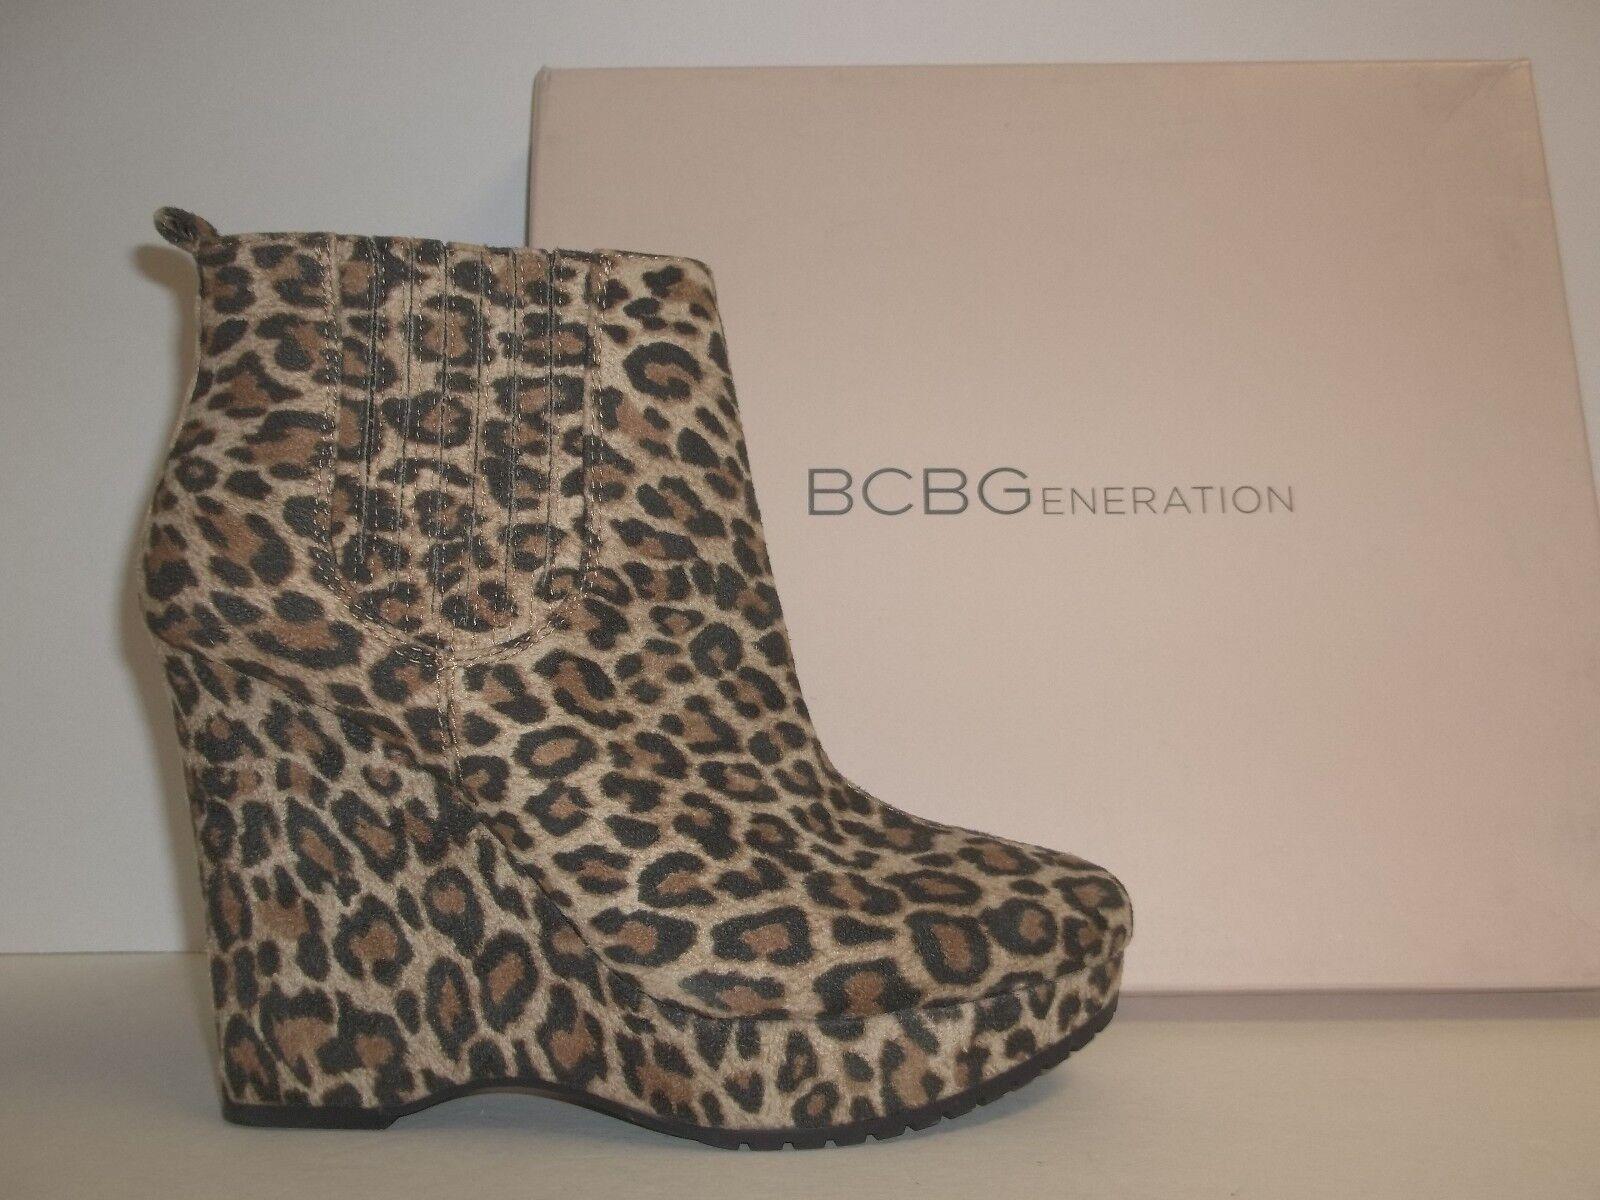 BCBGeneration BCBG Größe 6.5 M Vance 2 Leopard Ankle Stiefel NEU Damenschuhe Schuhes